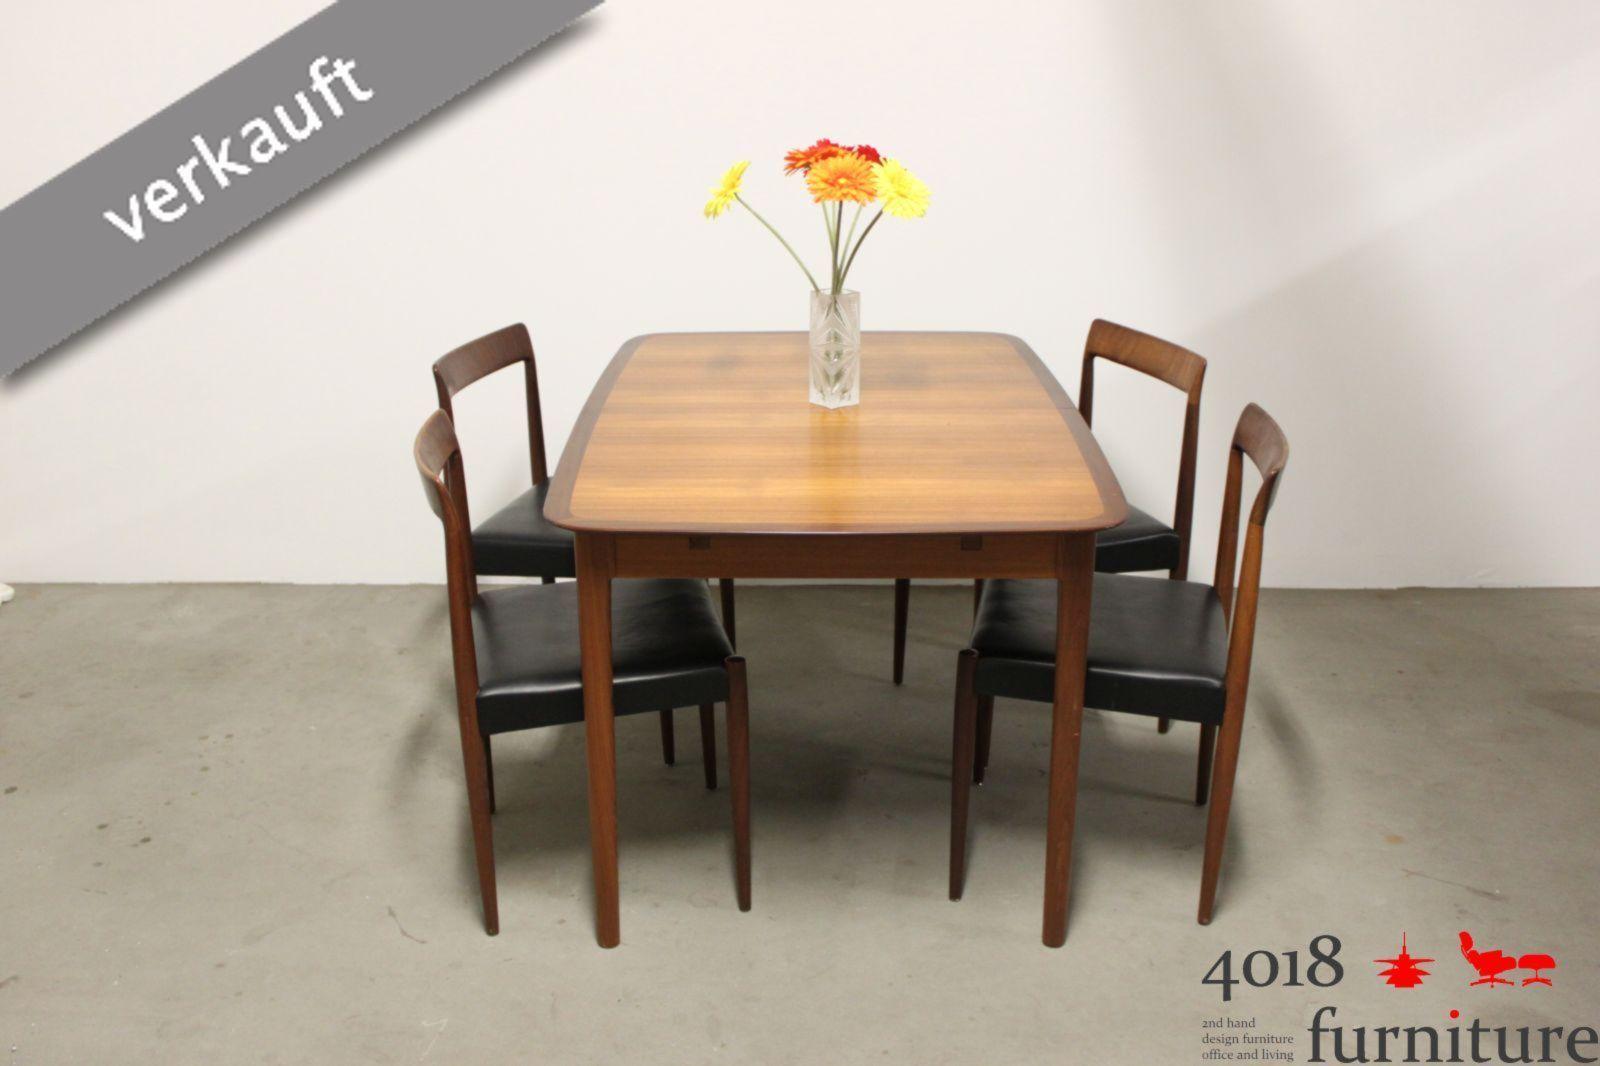 esstisch nussbaum ausziehbar excellent esstisch nussbaum. Black Bedroom Furniture Sets. Home Design Ideas